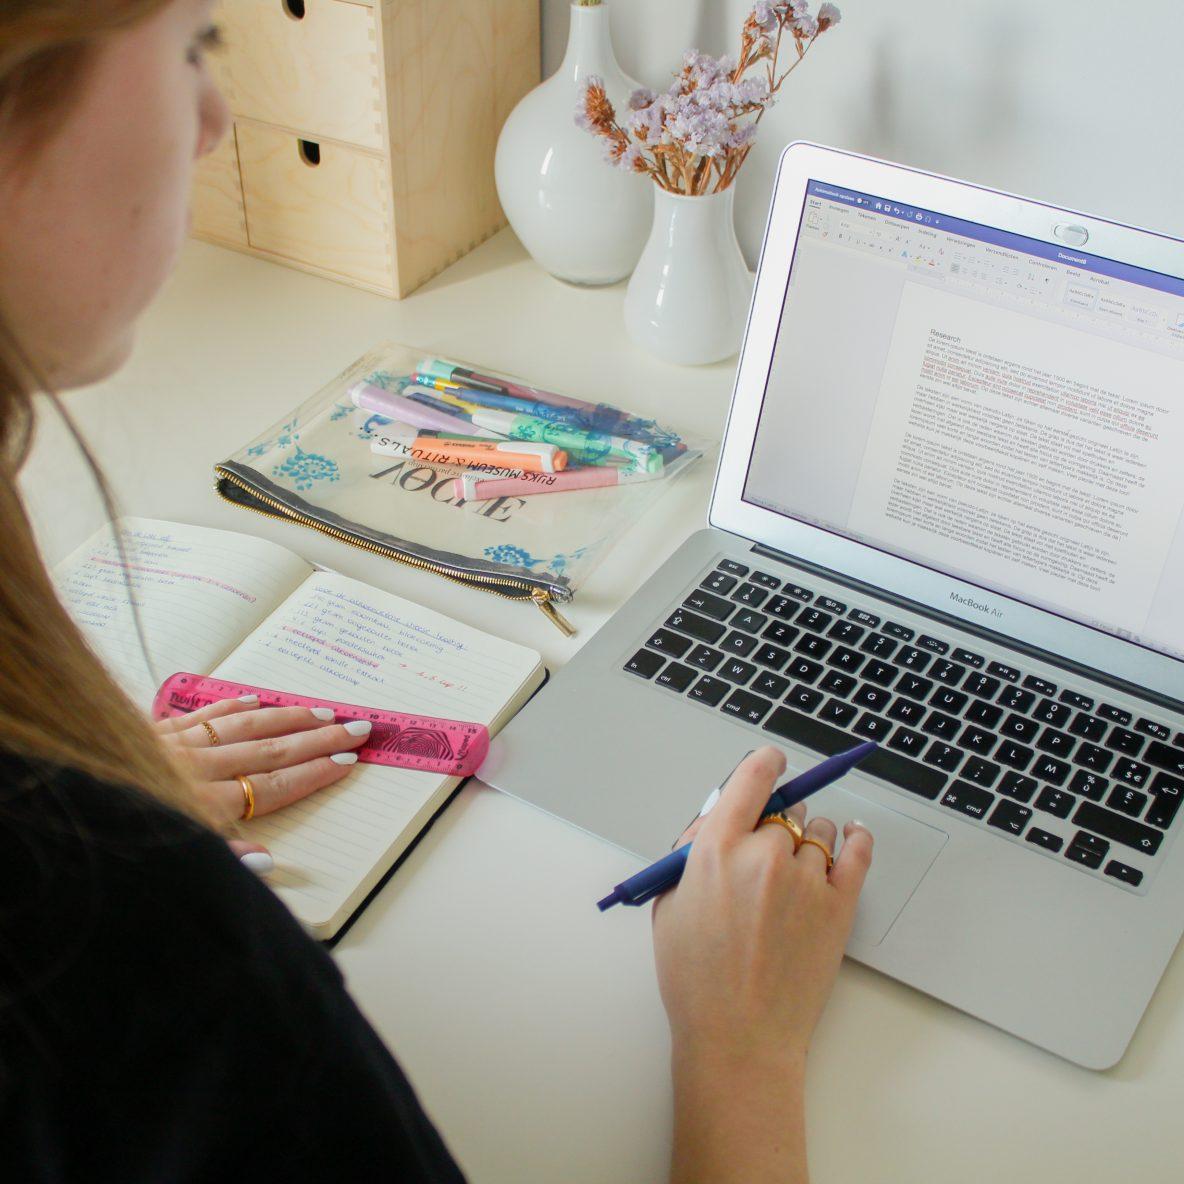 Persoon aan het werk van thuis uit aan een laptop